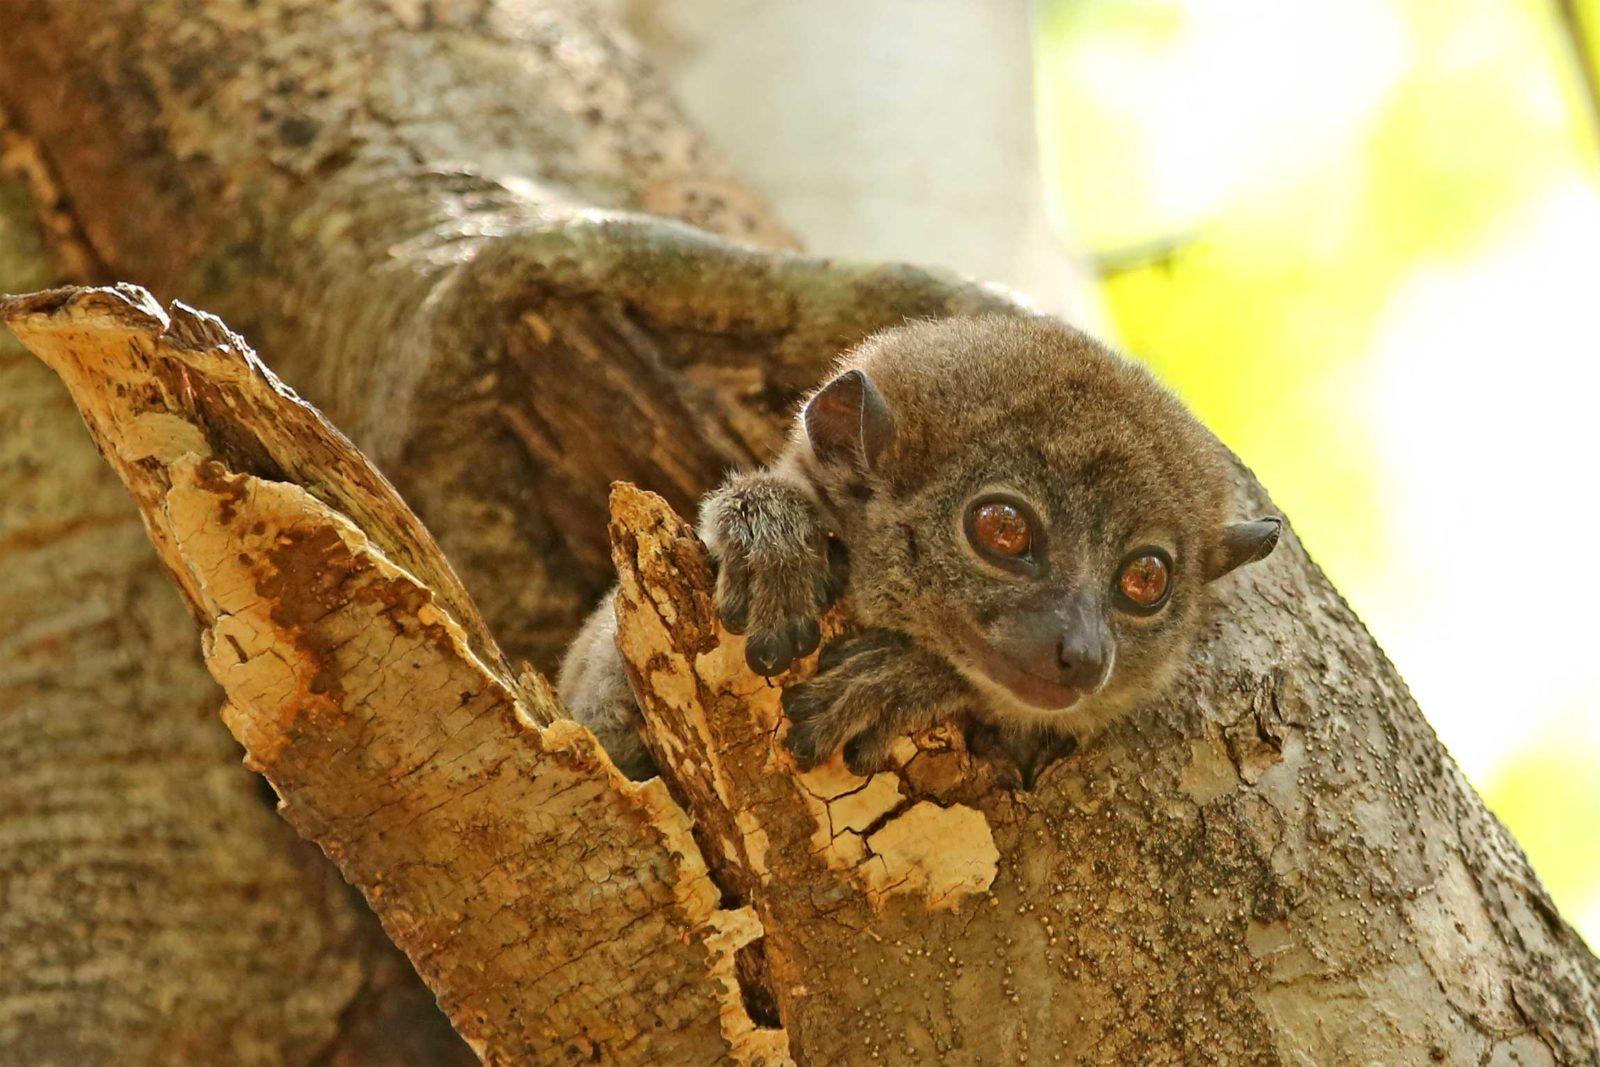 Ankarana-sportive-lemur